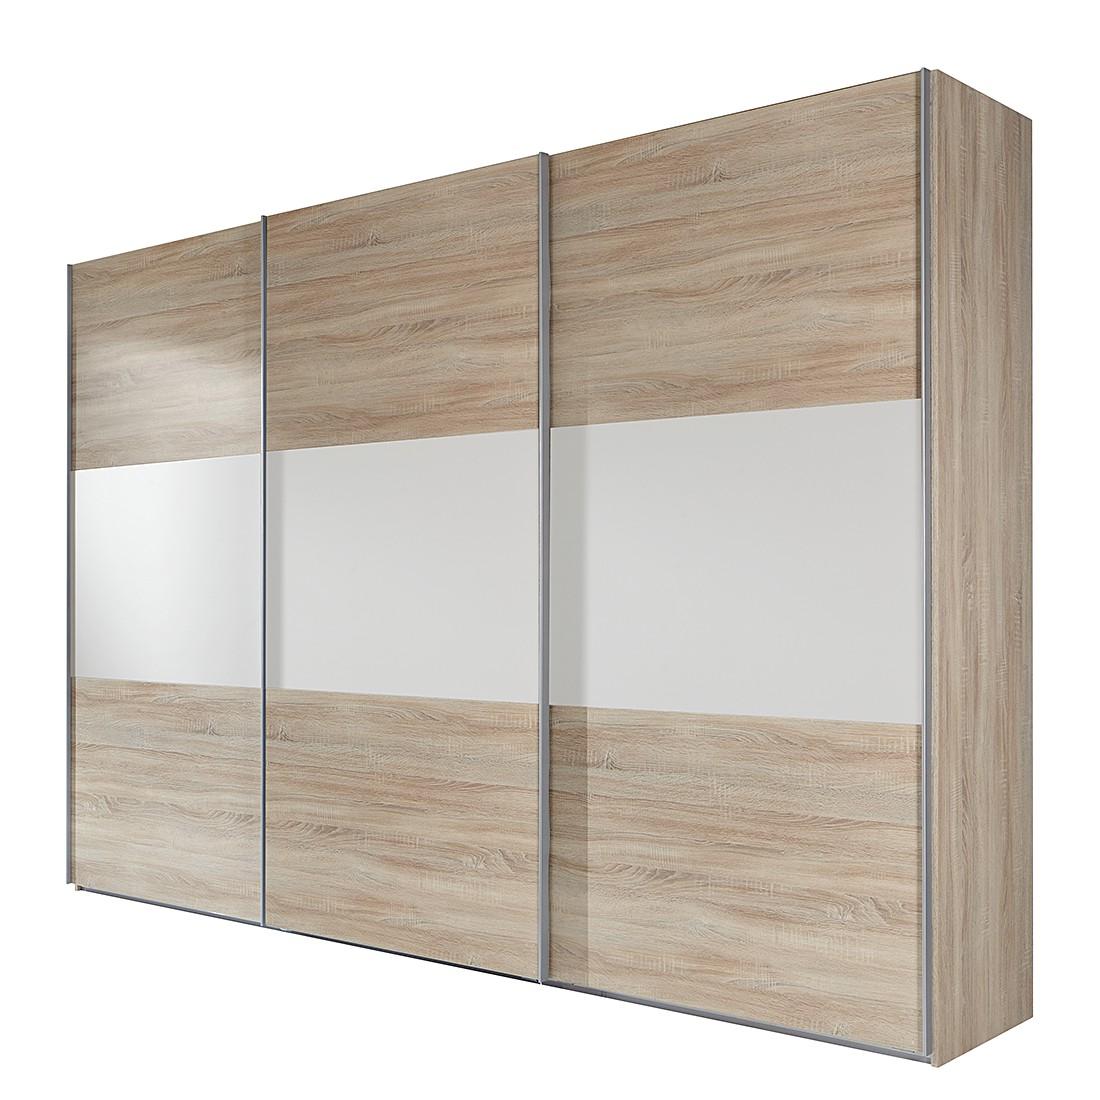 goedkoop Schuifdeurkast Medley II grof gezaagde eikenhout look wit BxH 315x236cm 3 deurs Wimex